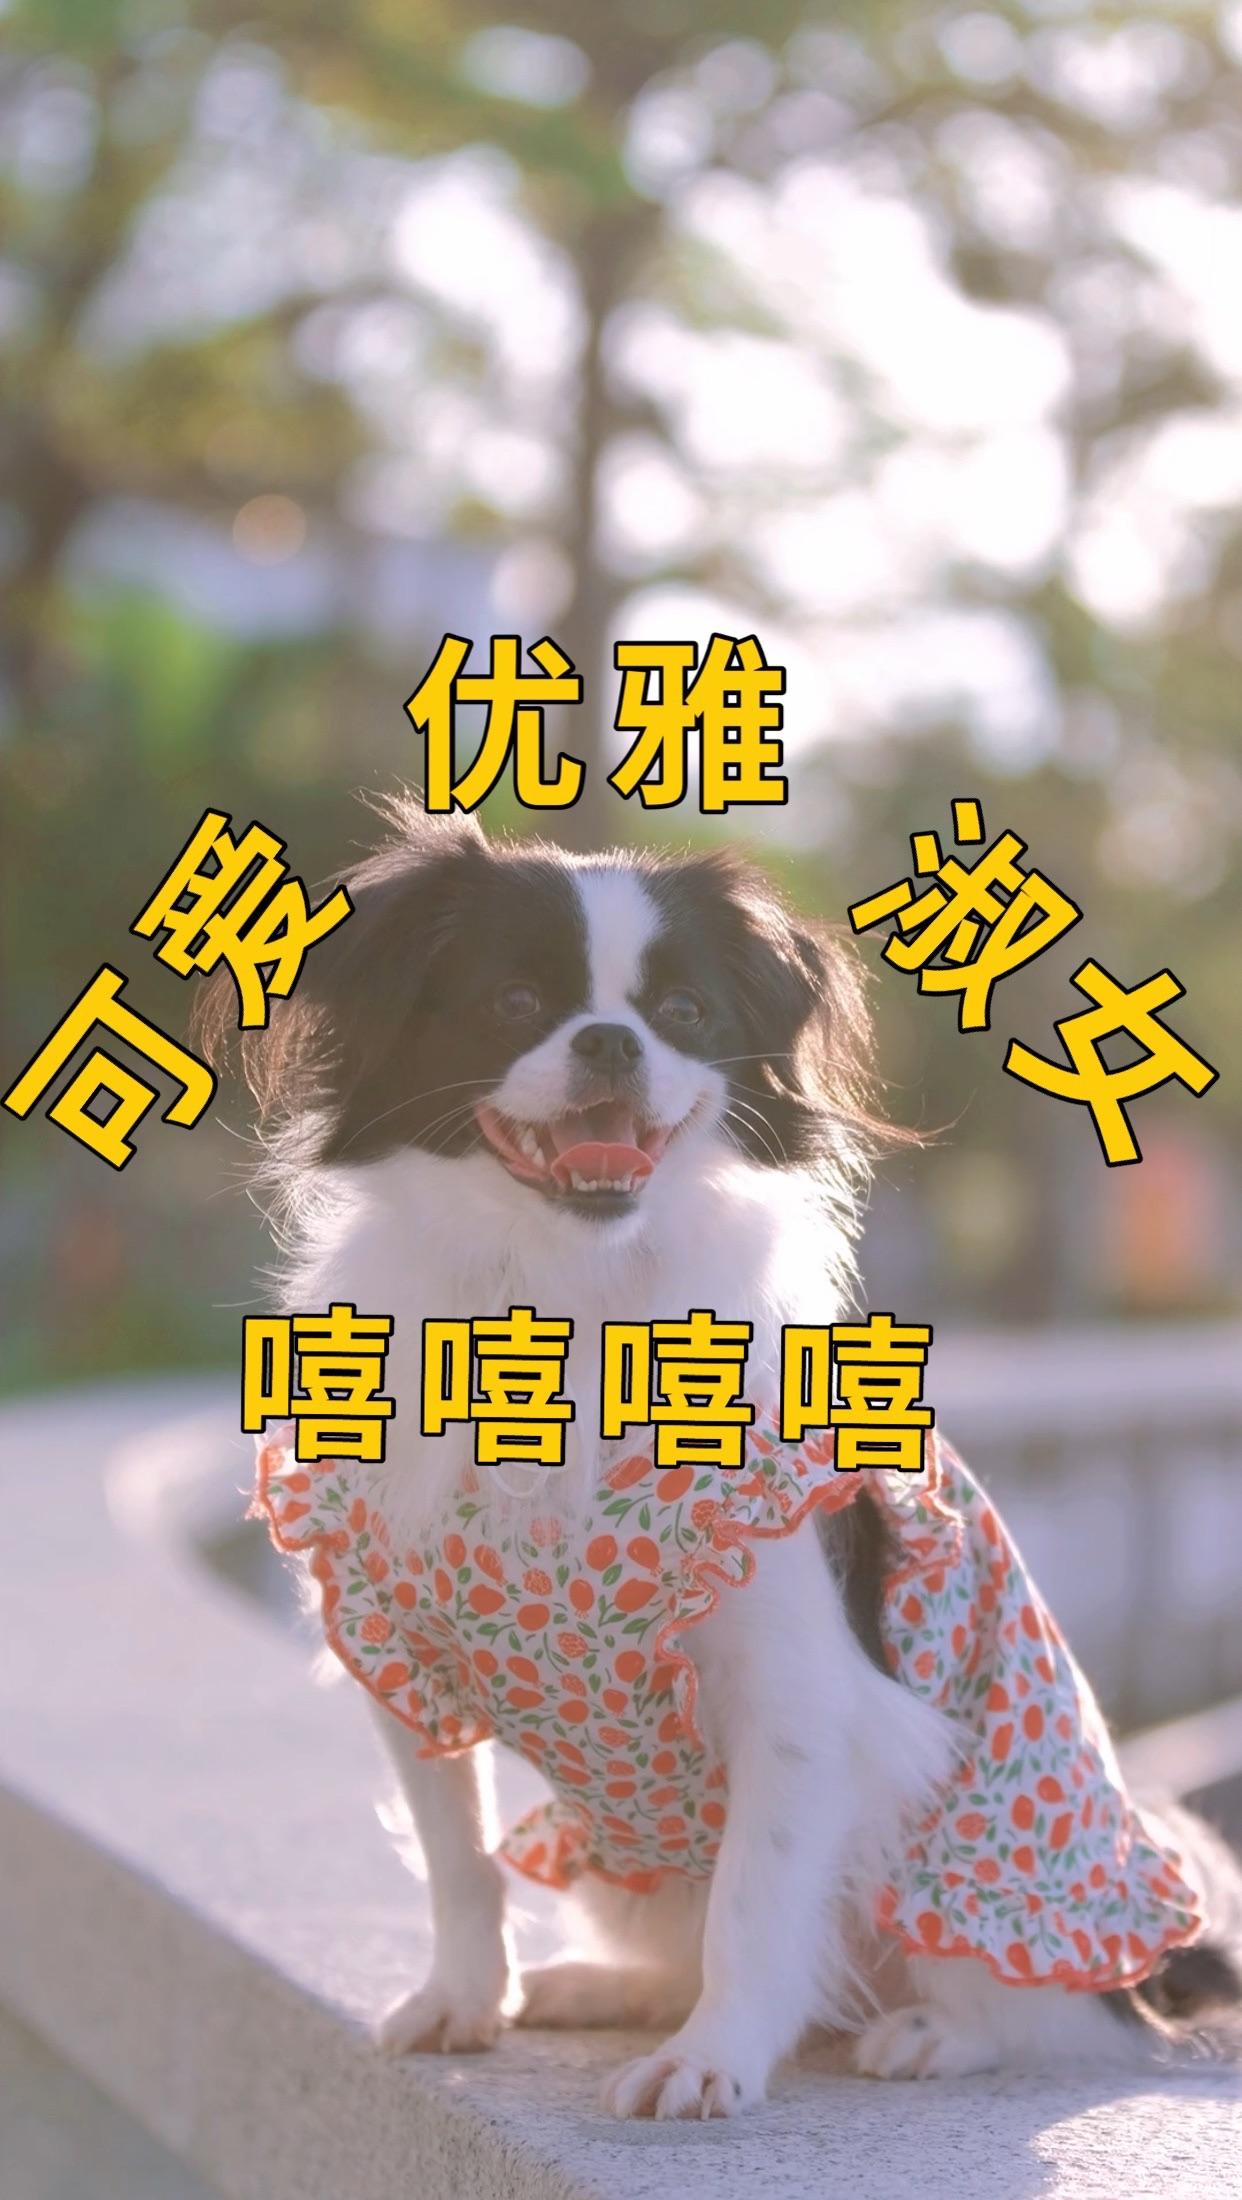 爱宠人士度假种草⛱️|惠州大亚湾度假公寓